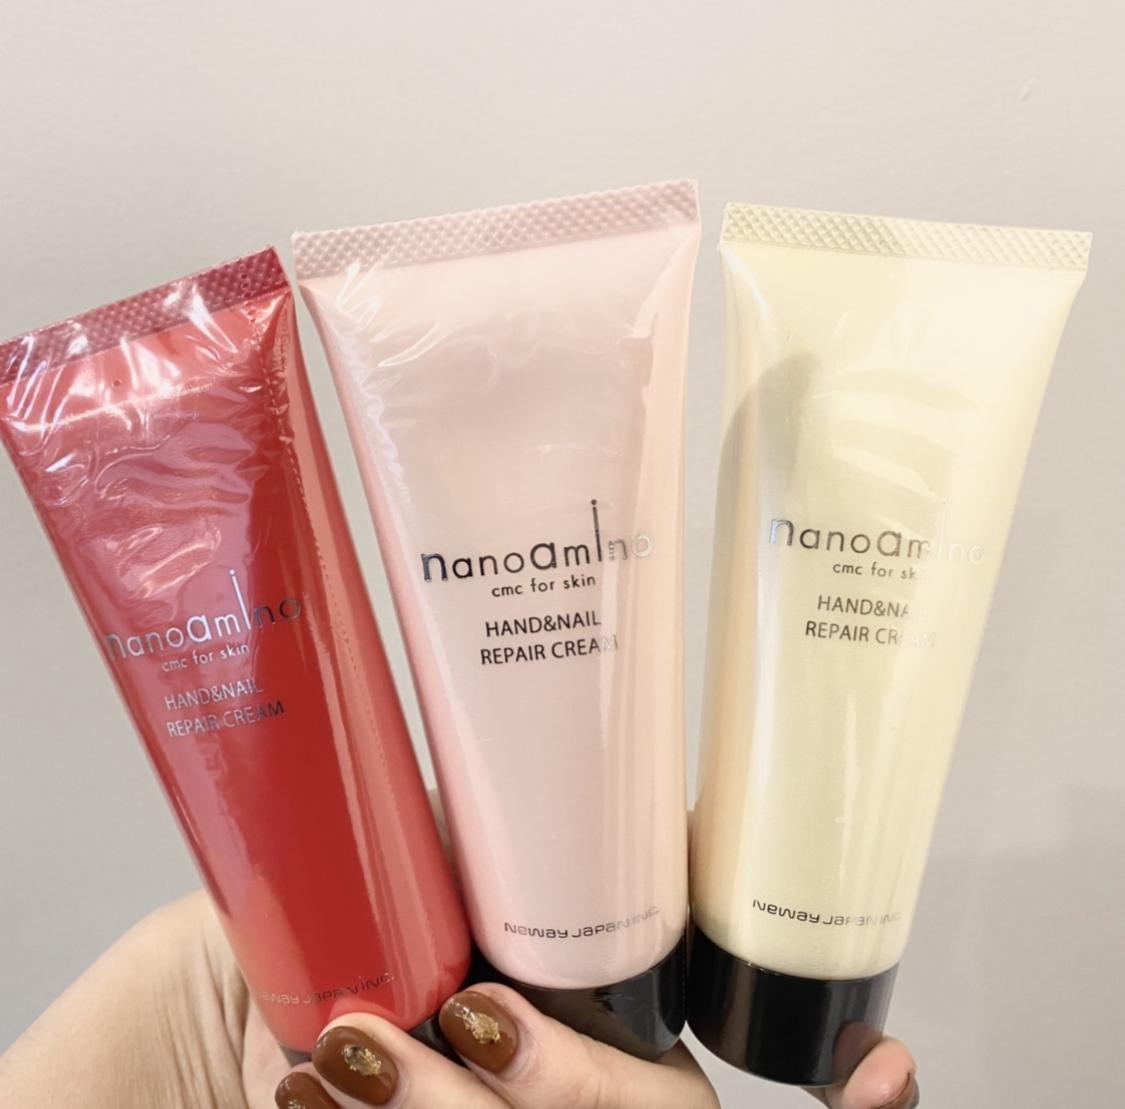 nanoamino(ナノアミノ)ハンド&ネイル リペア クリームを使ったrinaさんのクチコミ画像